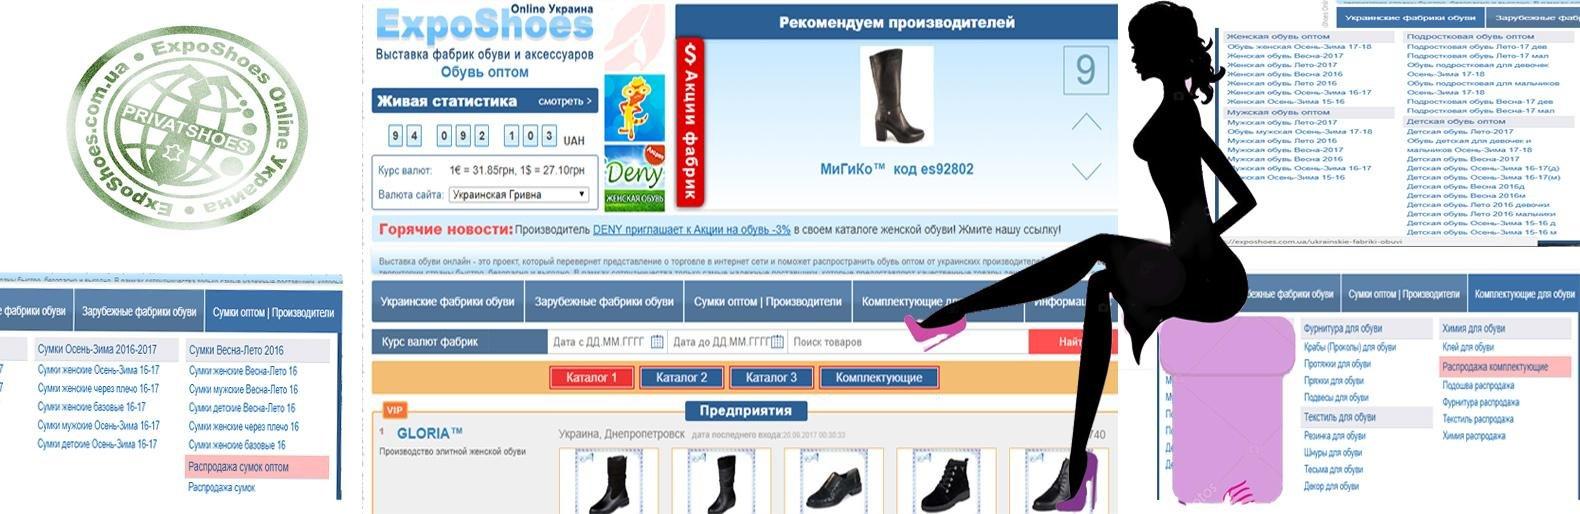 f4dca81c7158 Выставка обуви ExpoShoes Online - огромный оптовый каталог товаров от производителей  Украины